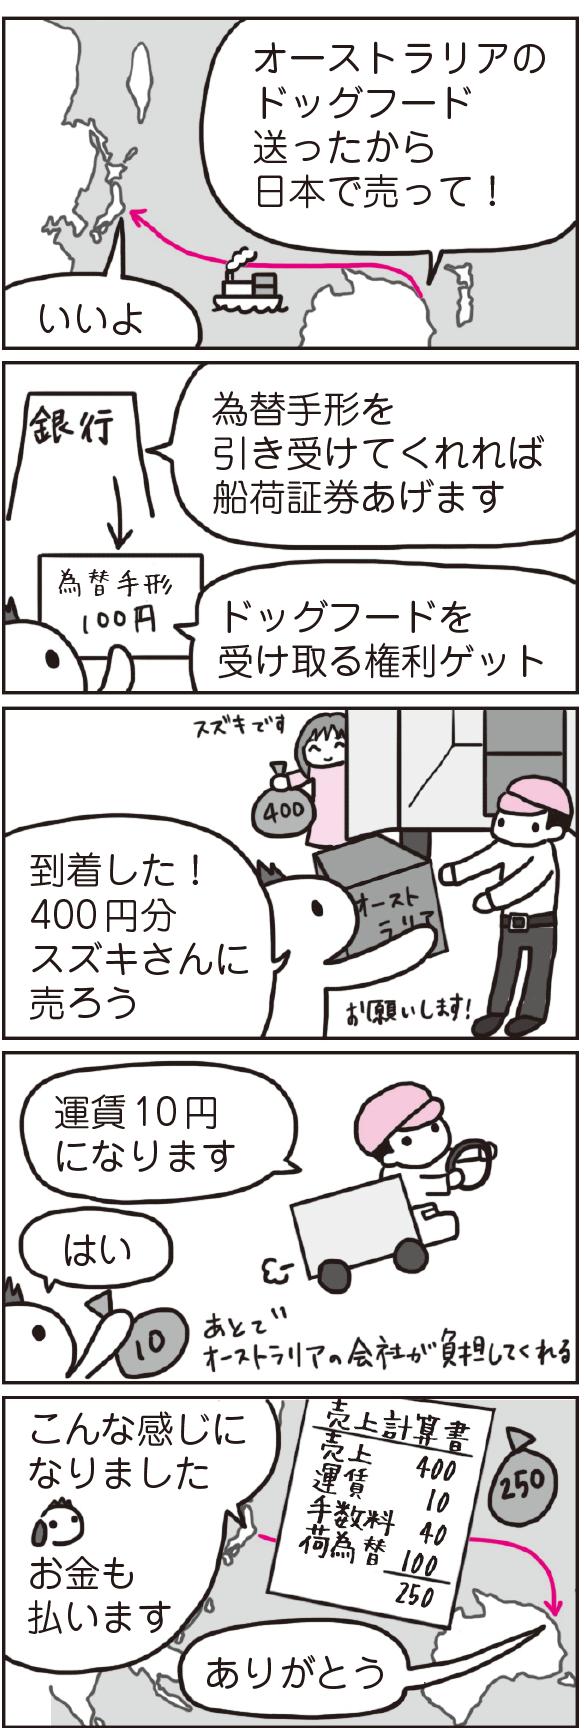 特殊商品売買③ 荷為替手形の仕訳...